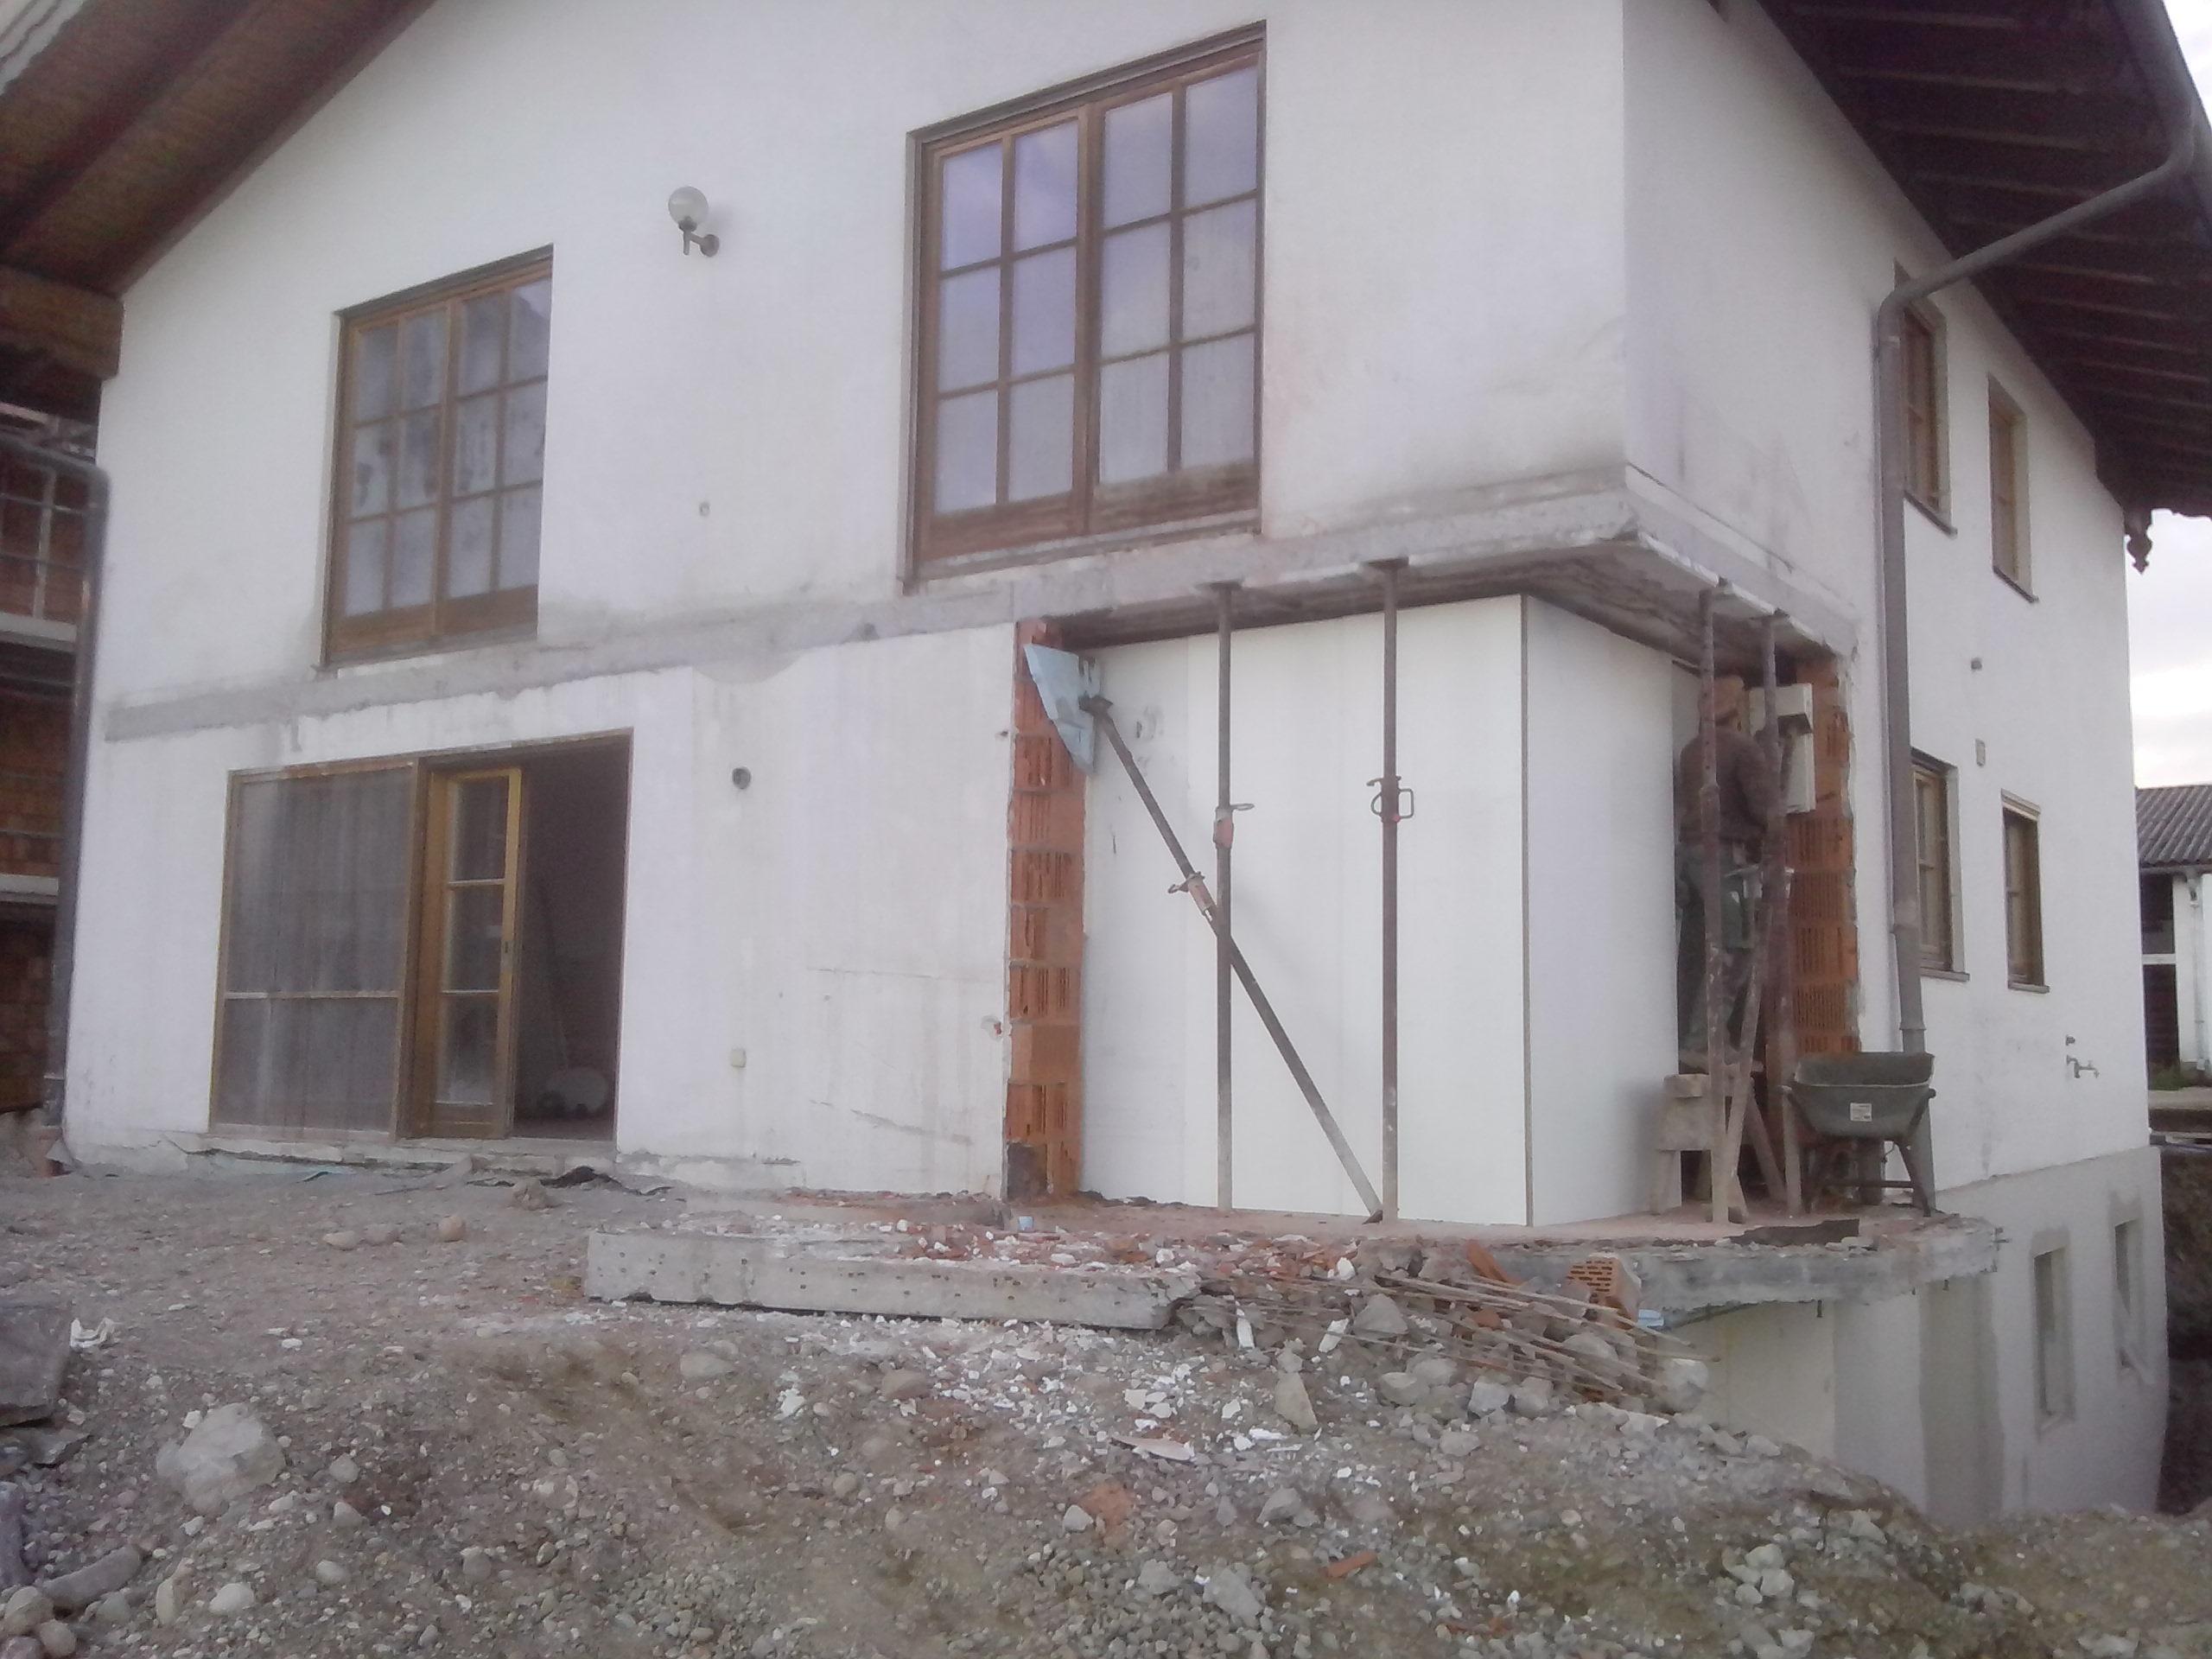 Balkon und Erker - abbruch Wohnhaus Pelham